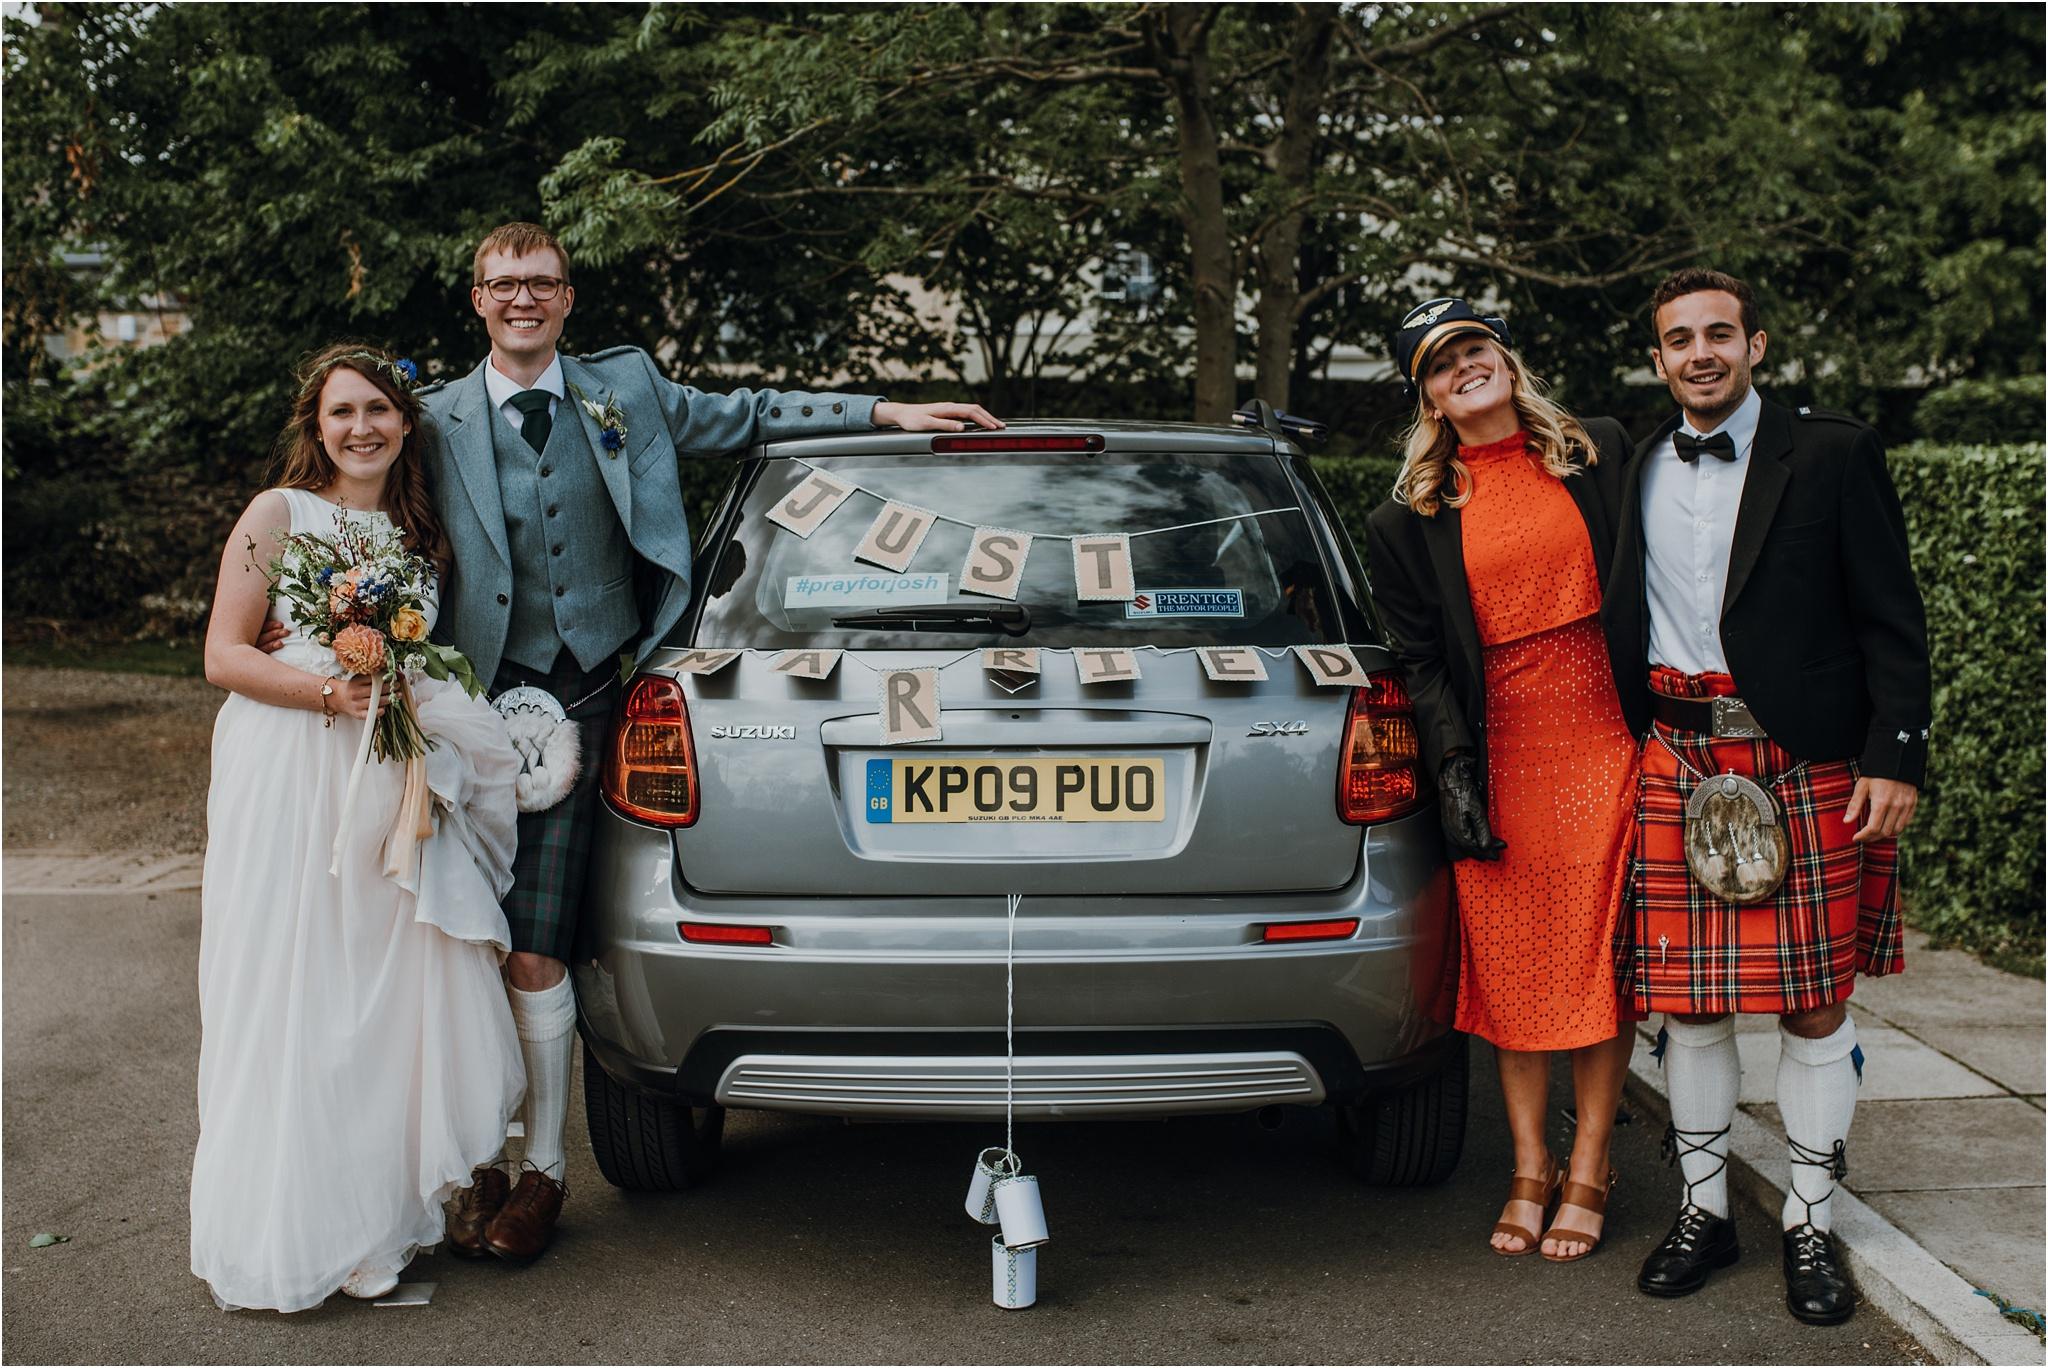 Edinburgh-barn-wedding-photographer_61.jpg